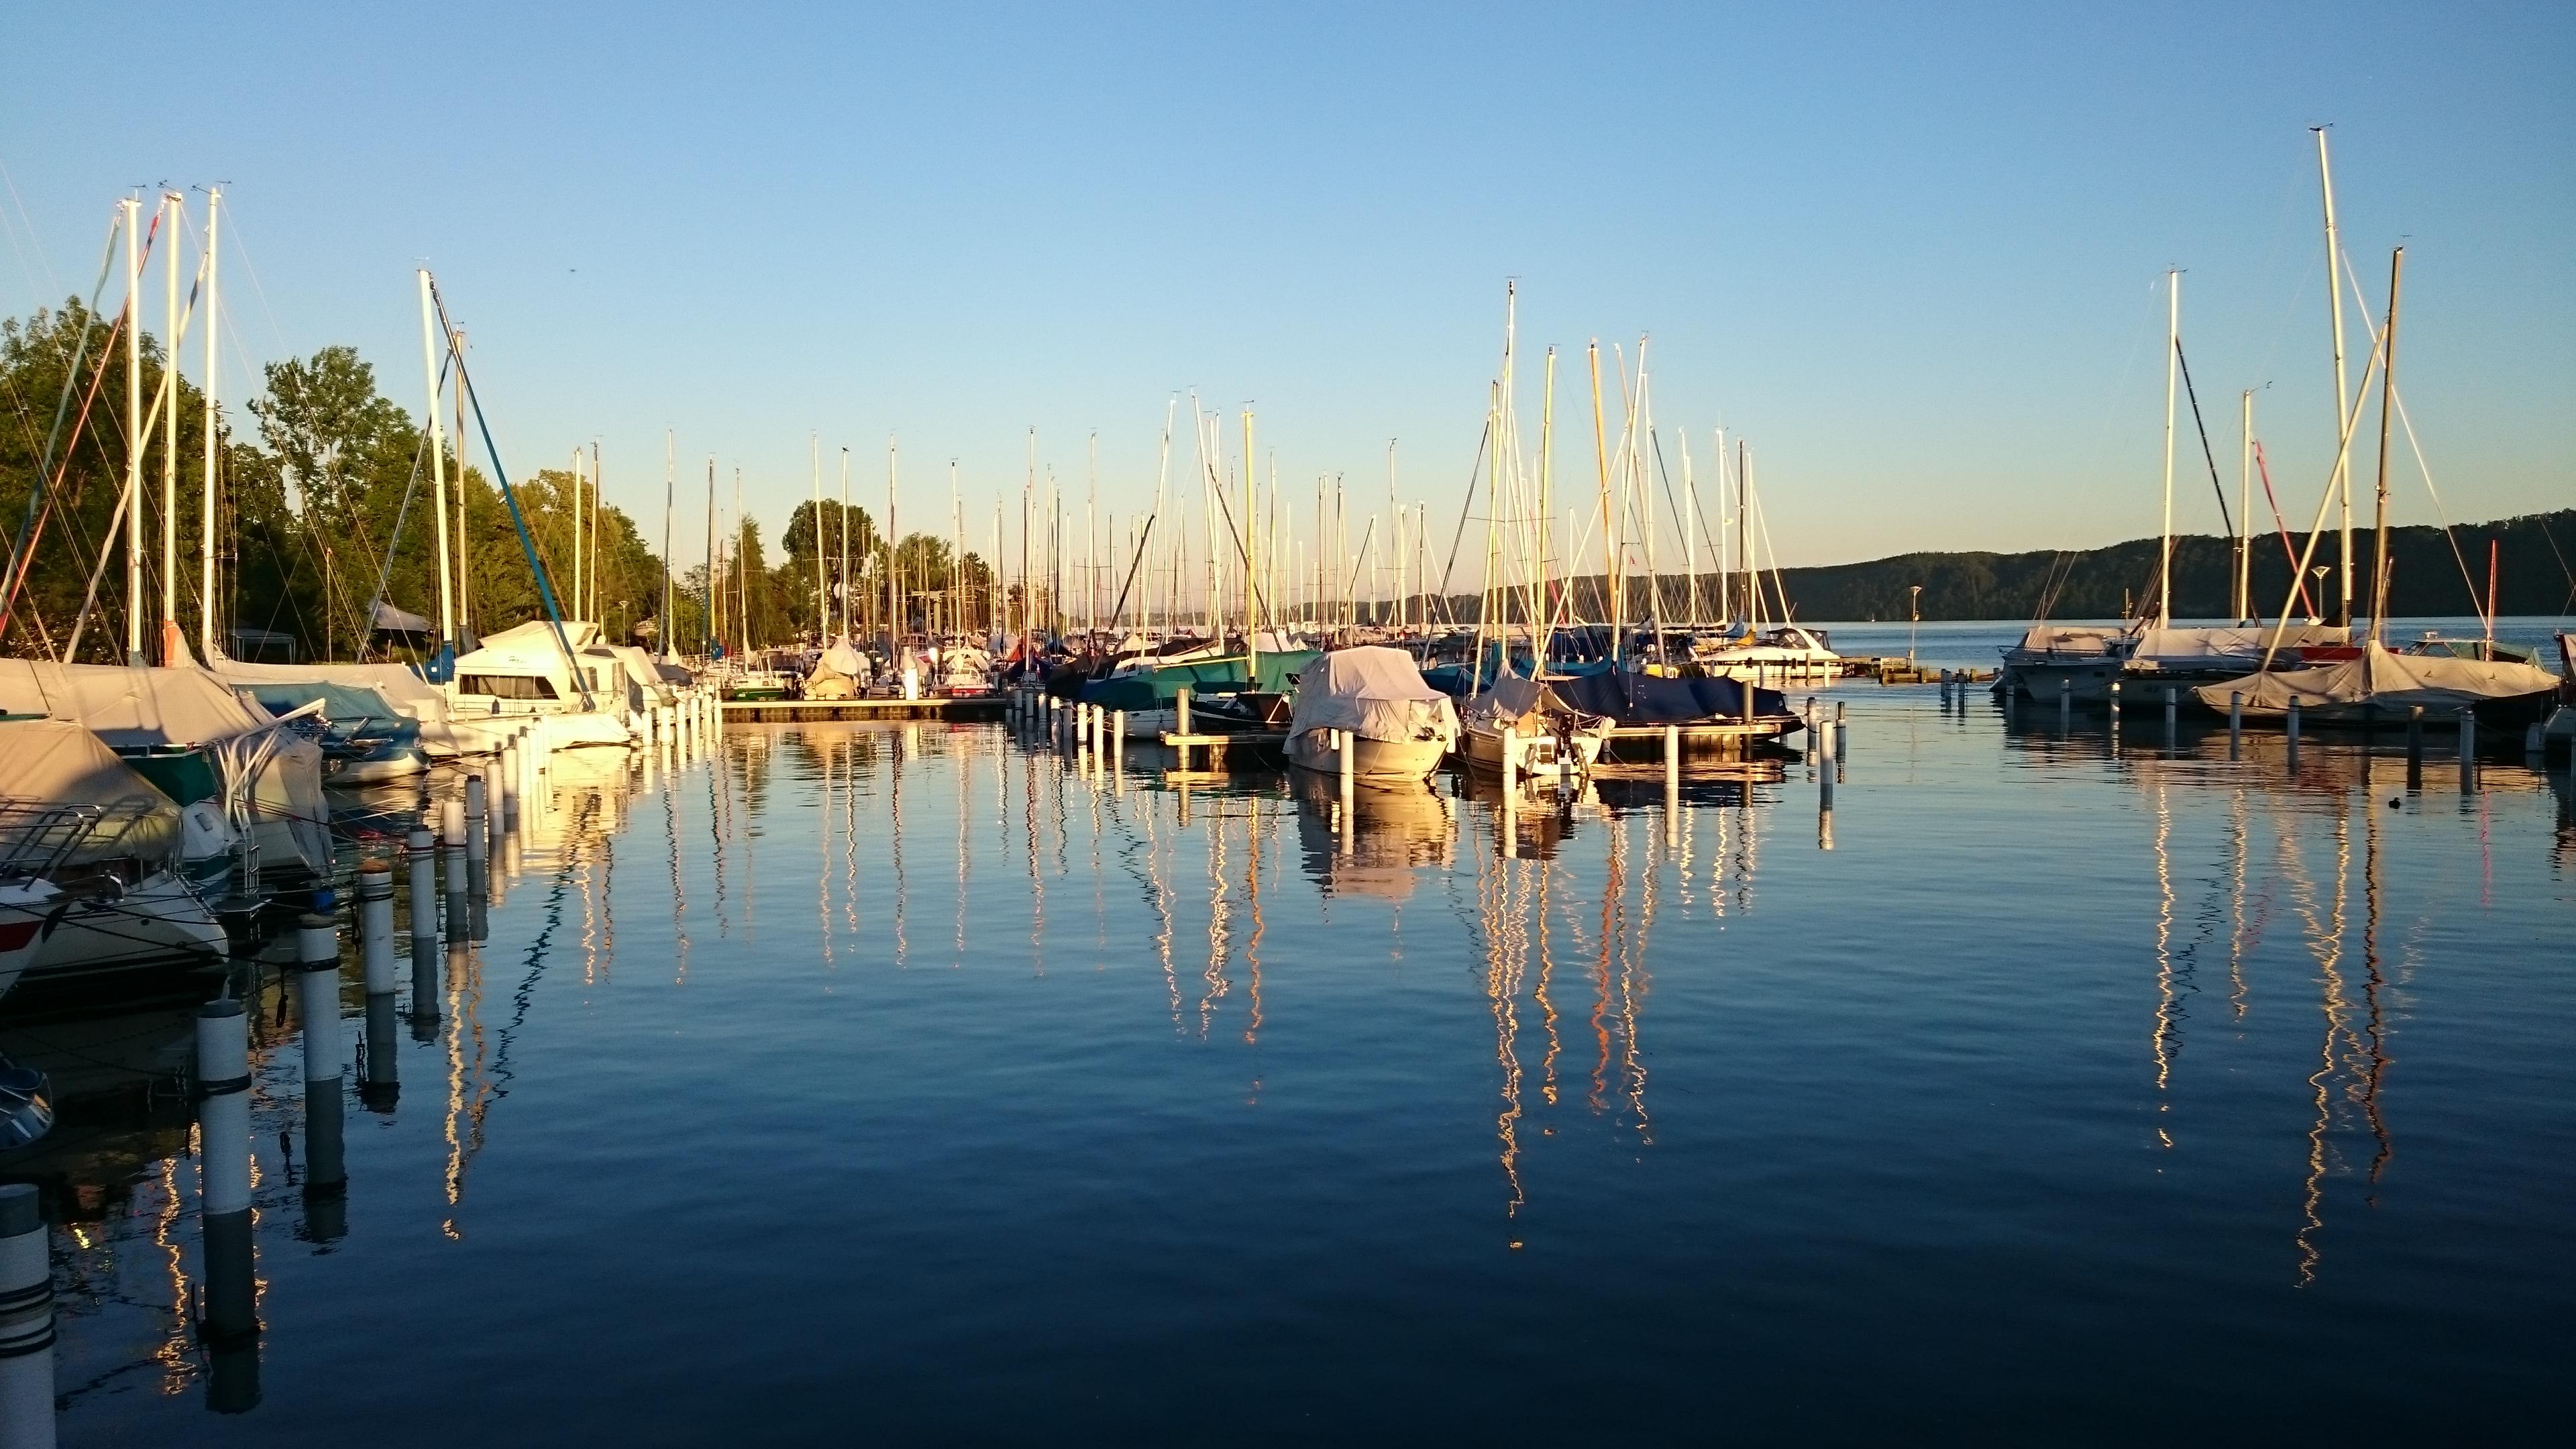 Hafen-Bordübernachtung